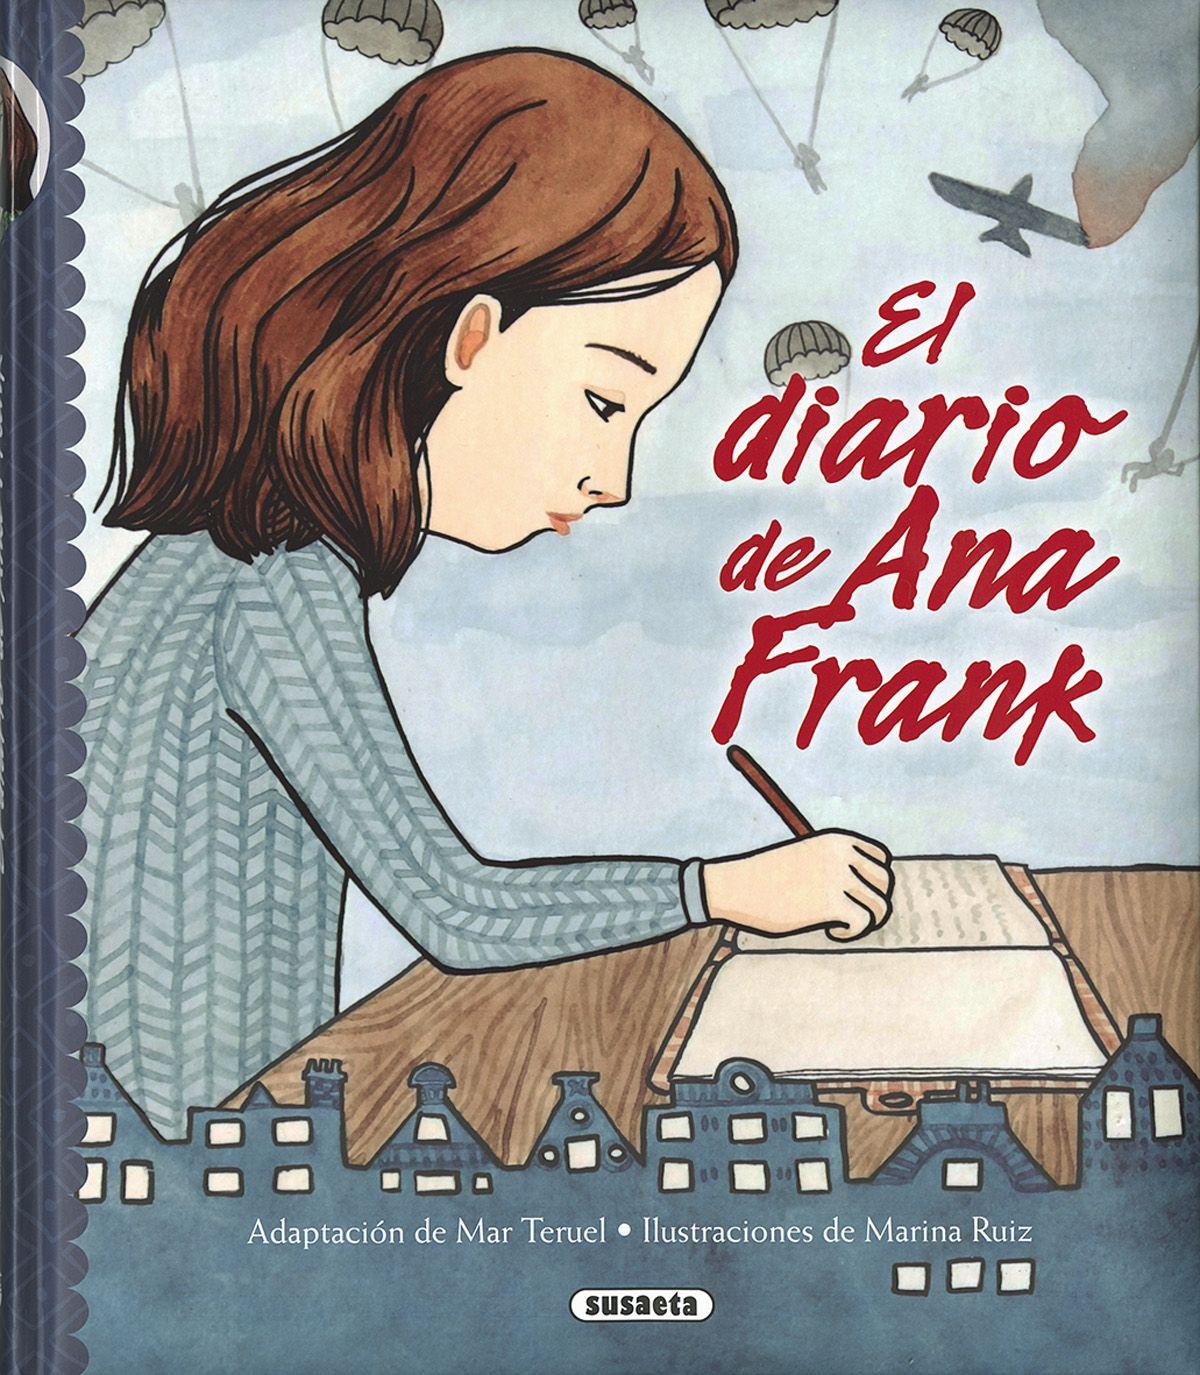 ป กพ นในบอร ด Novedades Libros Infantil